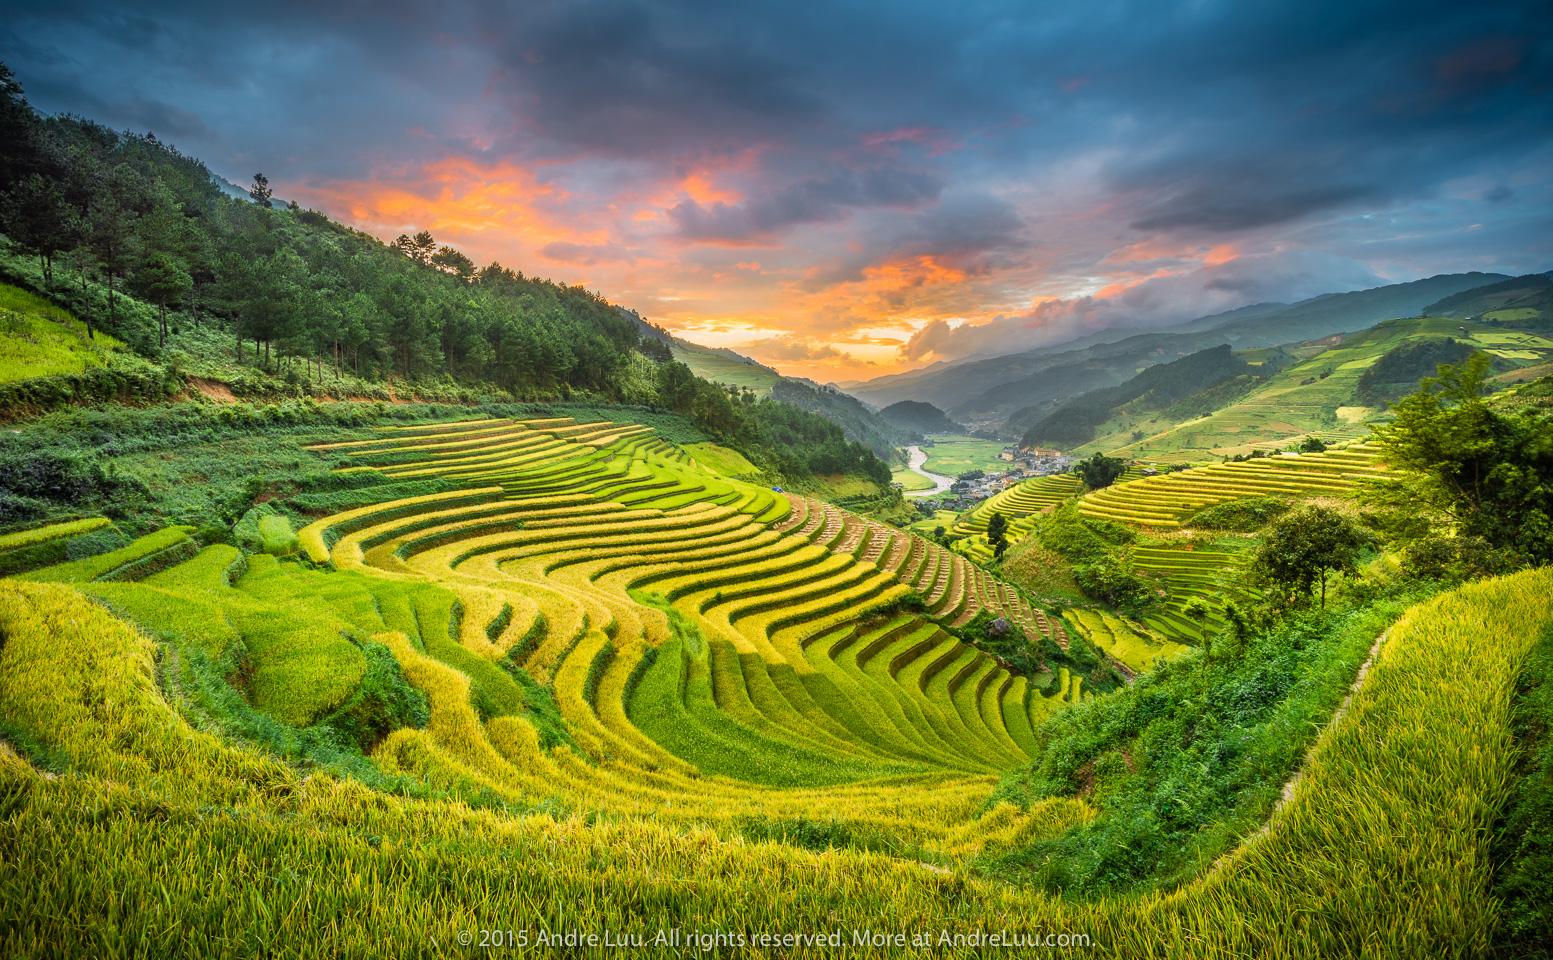 Check in các địa điểm du lịch hot nhất tại Hà Giang mà bạn không thể bỏ qua